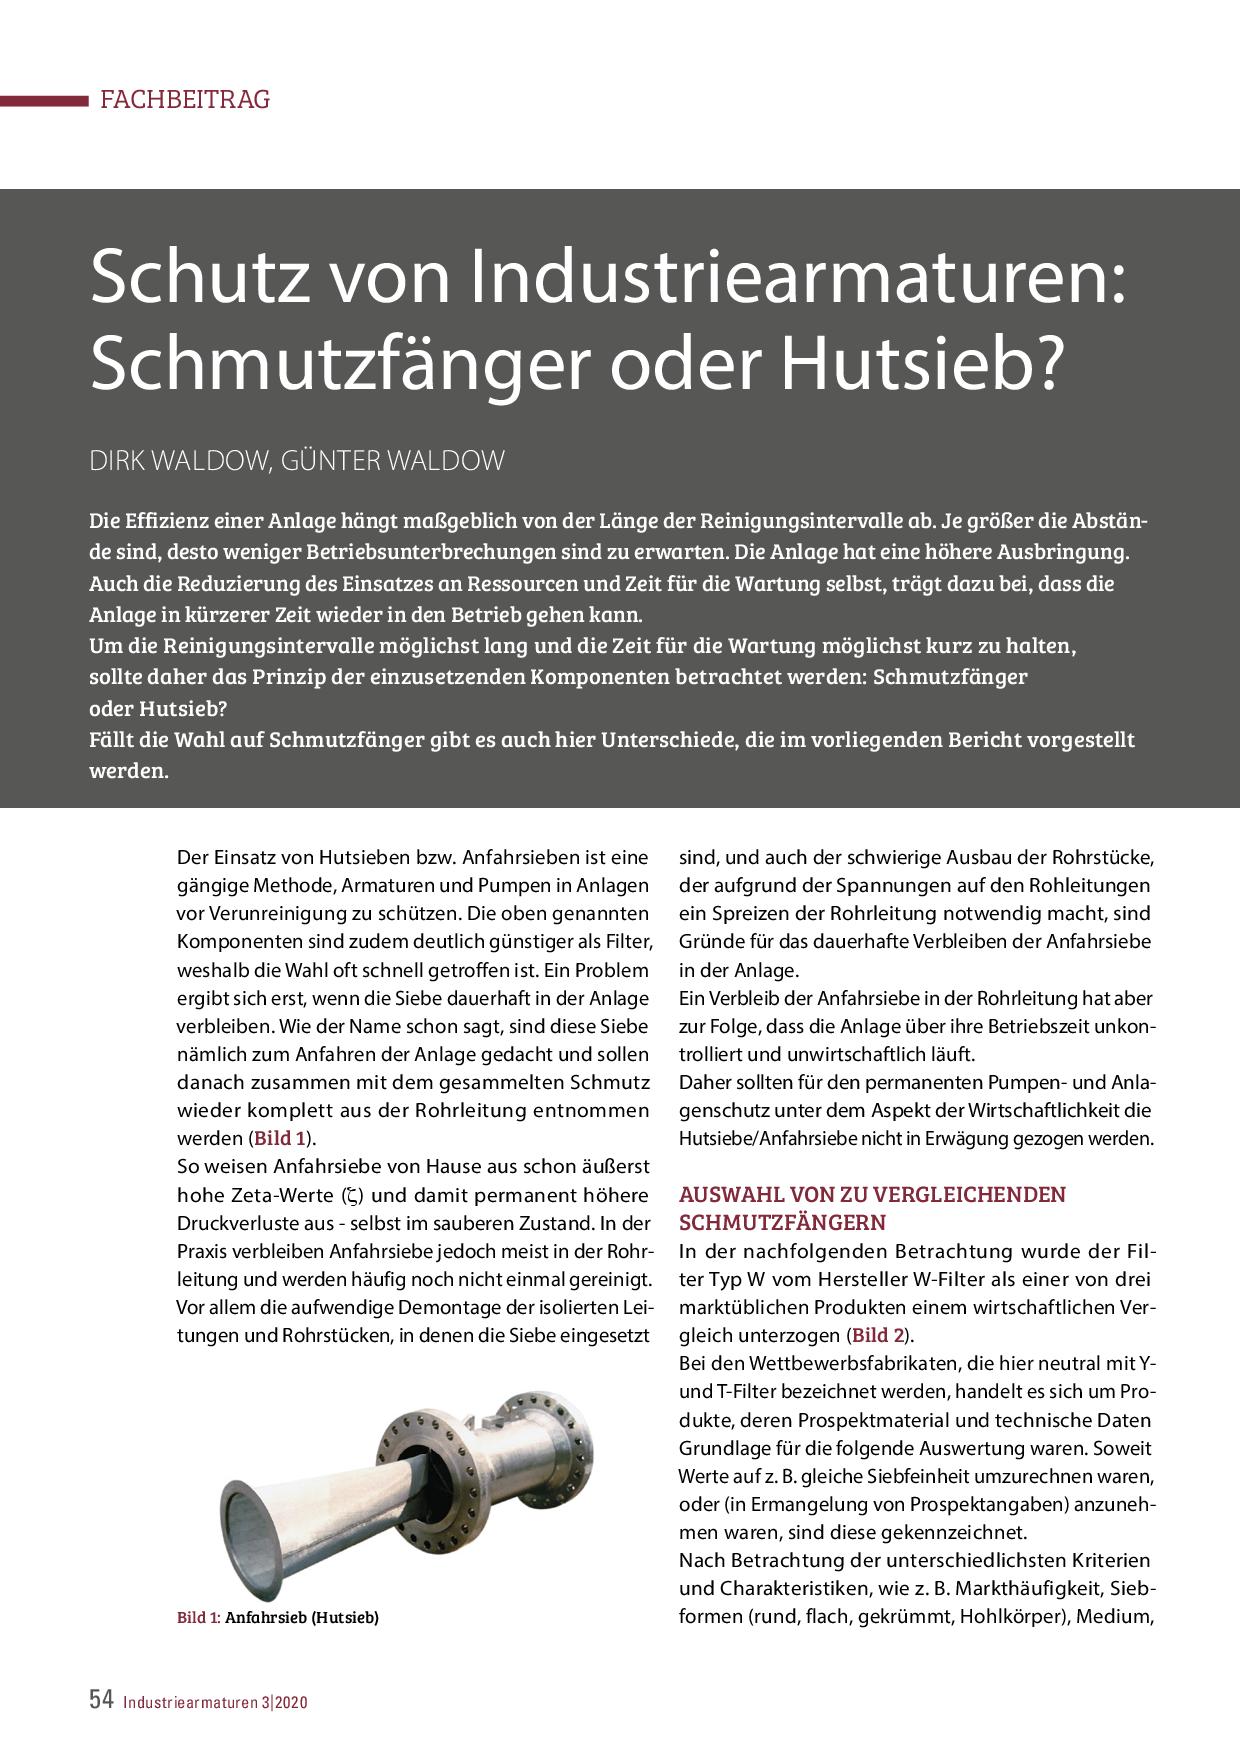 Schutz von Industriearmaturen: Schmutzfänger oder Hutsieb?